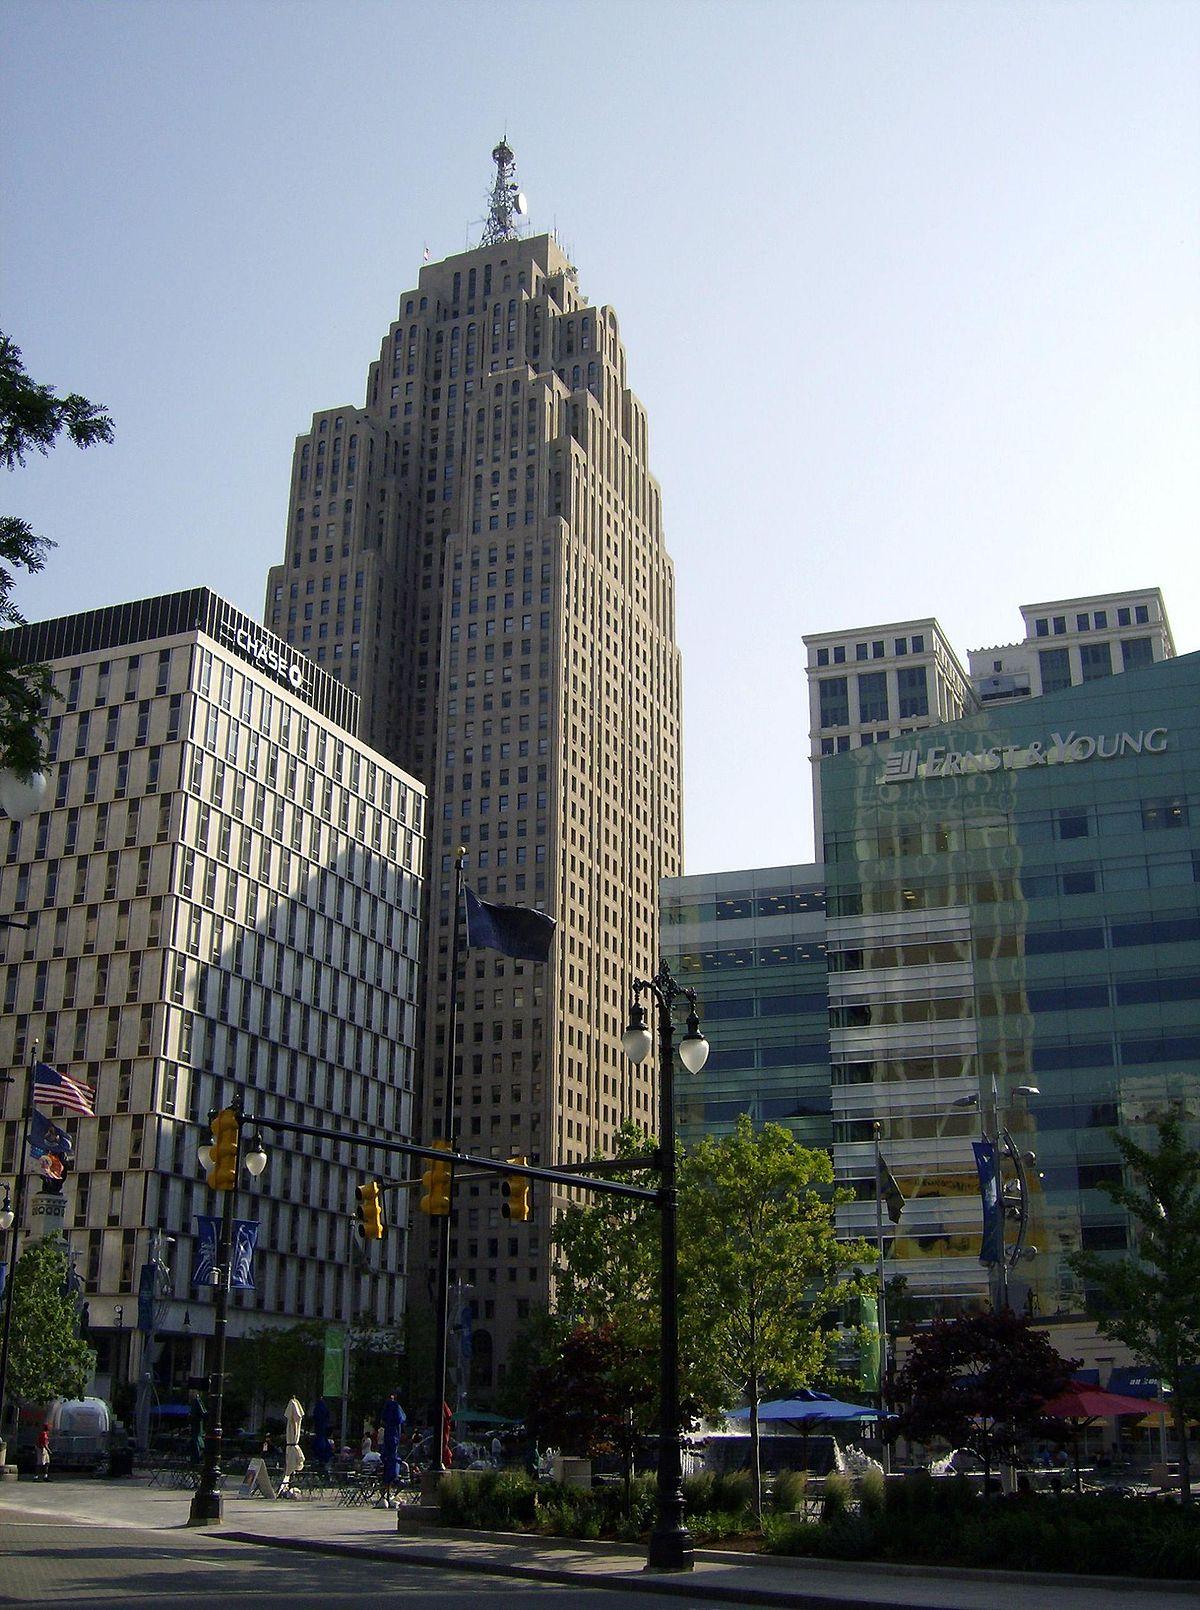 Penobscot Building  Wikipedia